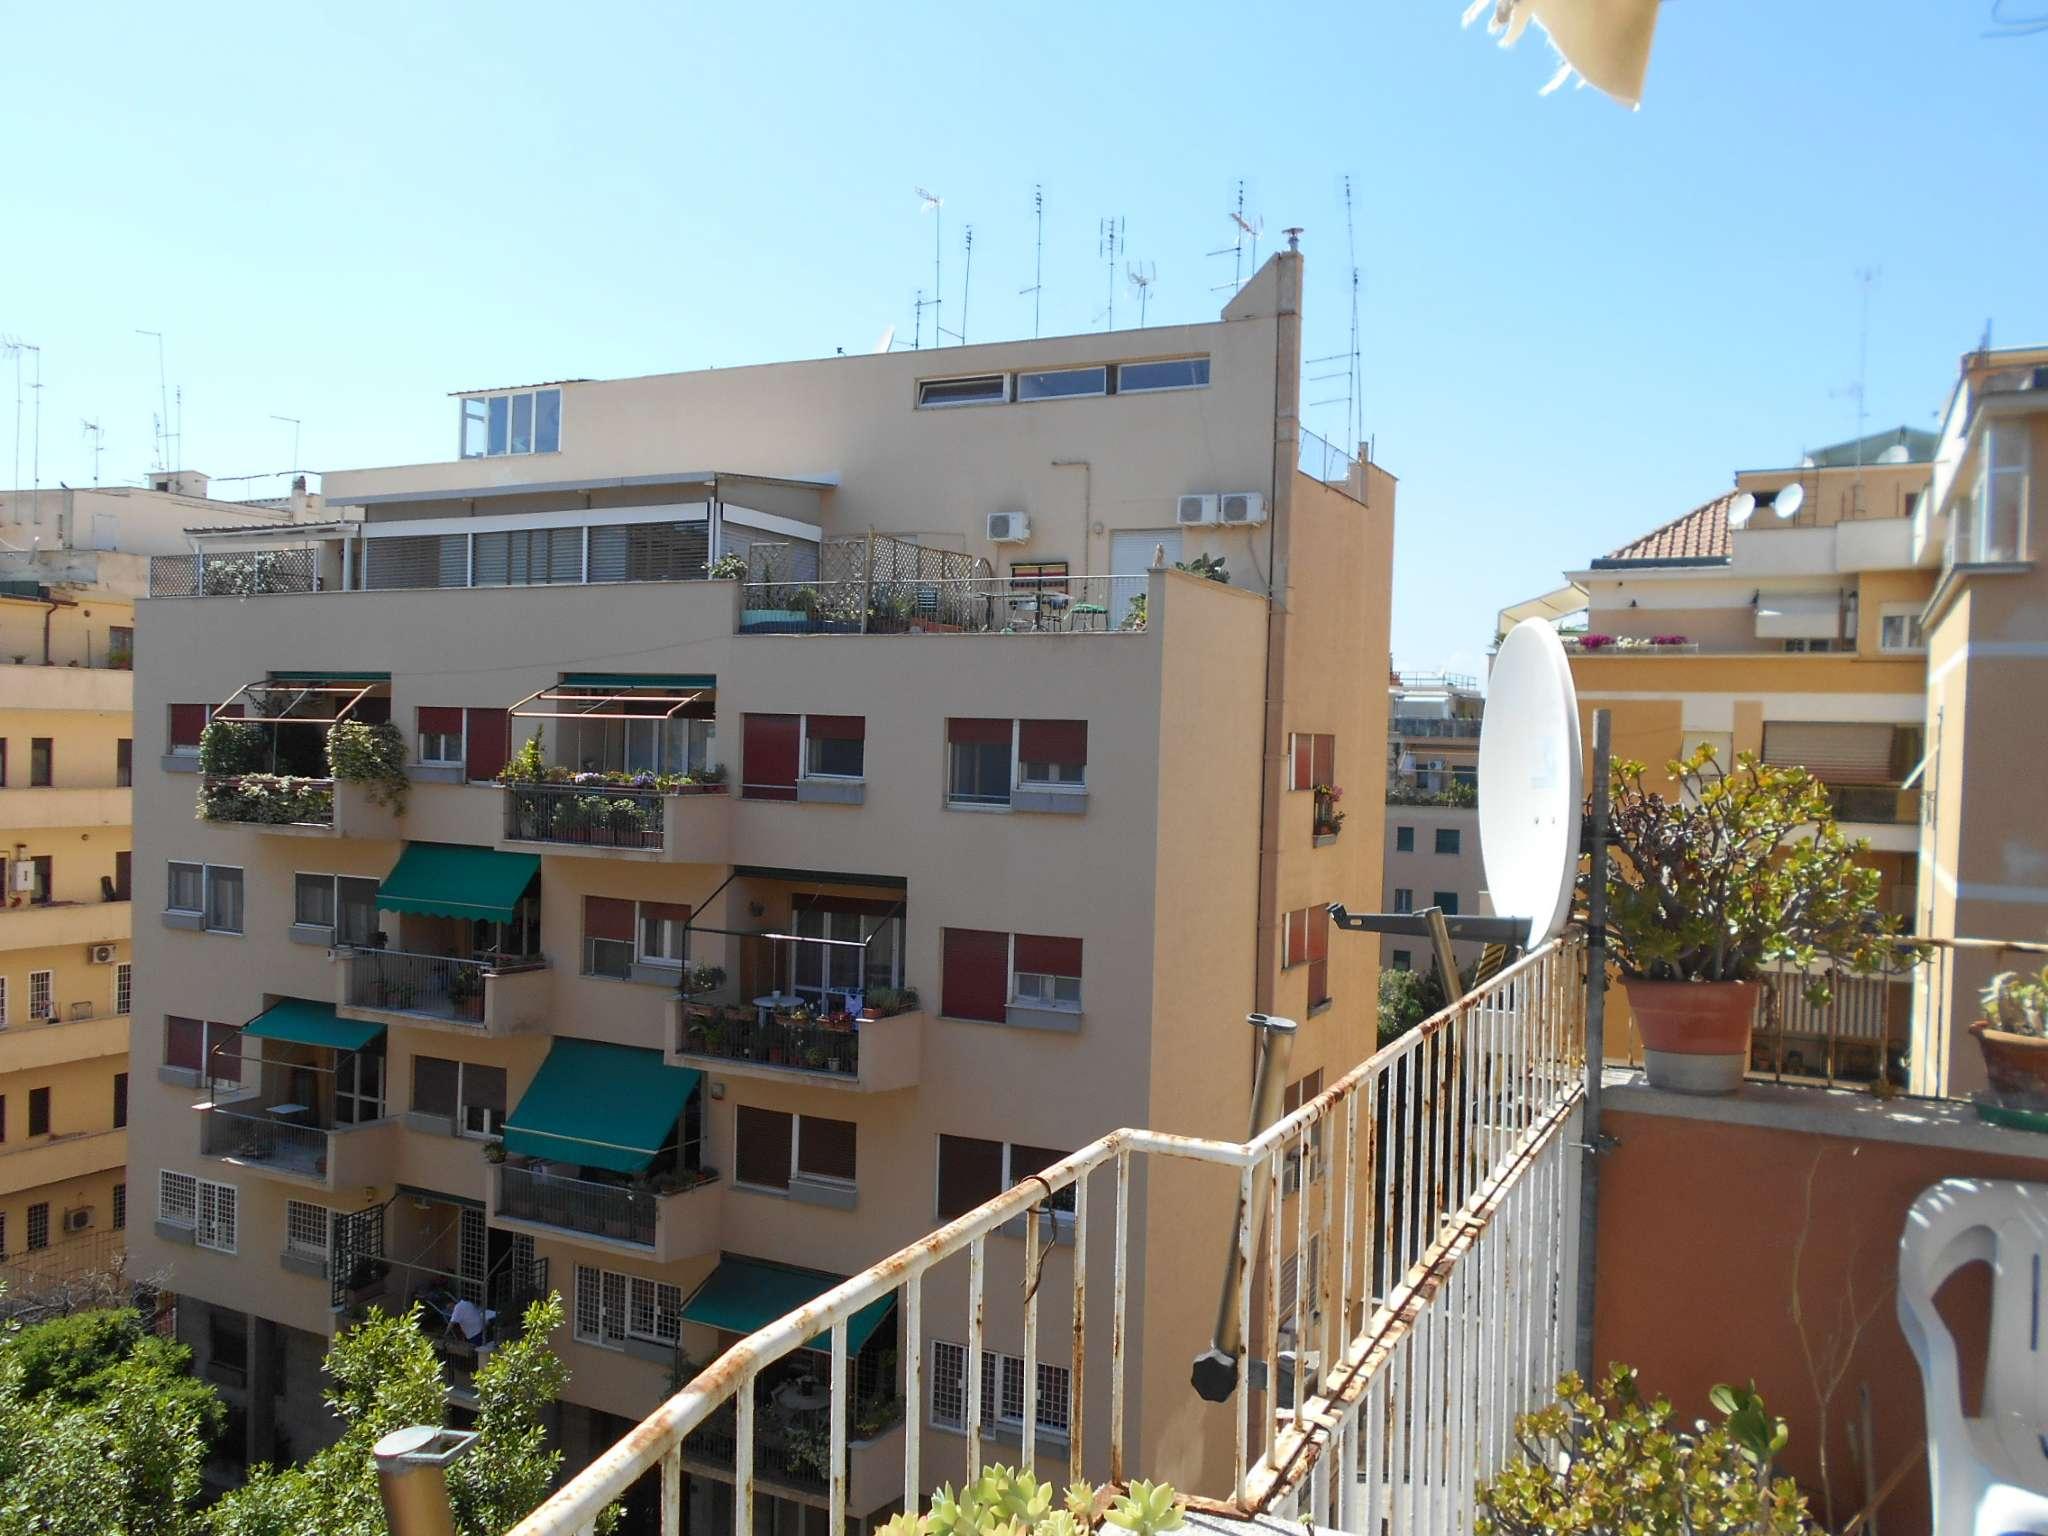 Appartamento in vendita 4 vani 105 mq.  via Ruggero Leoncavallo  5 Roma